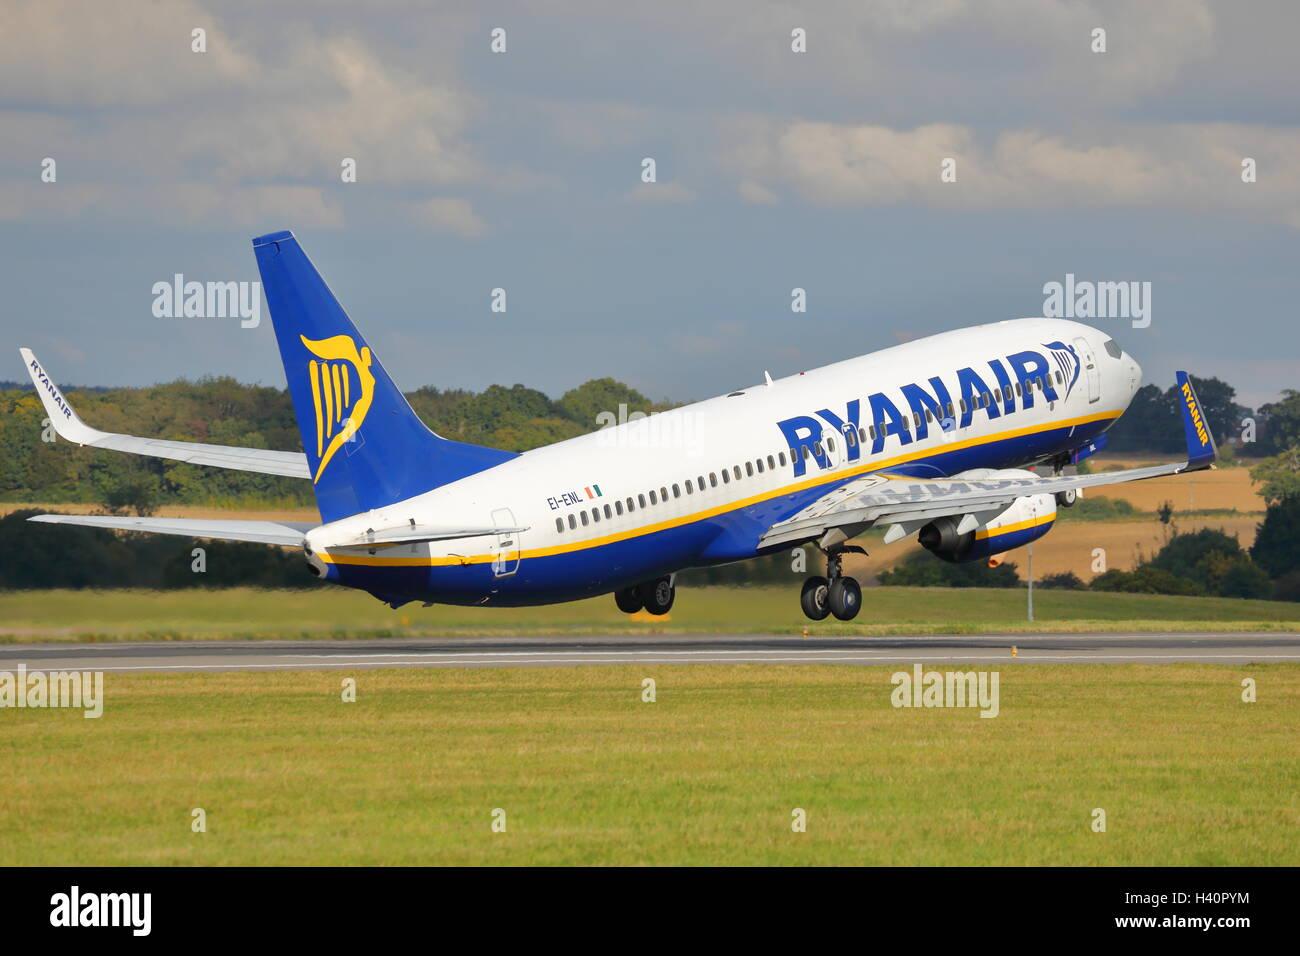 Ryanair Boeing 737-800 Next Gen EI-ENL taking off from Luton Airport, UK - Stock Image